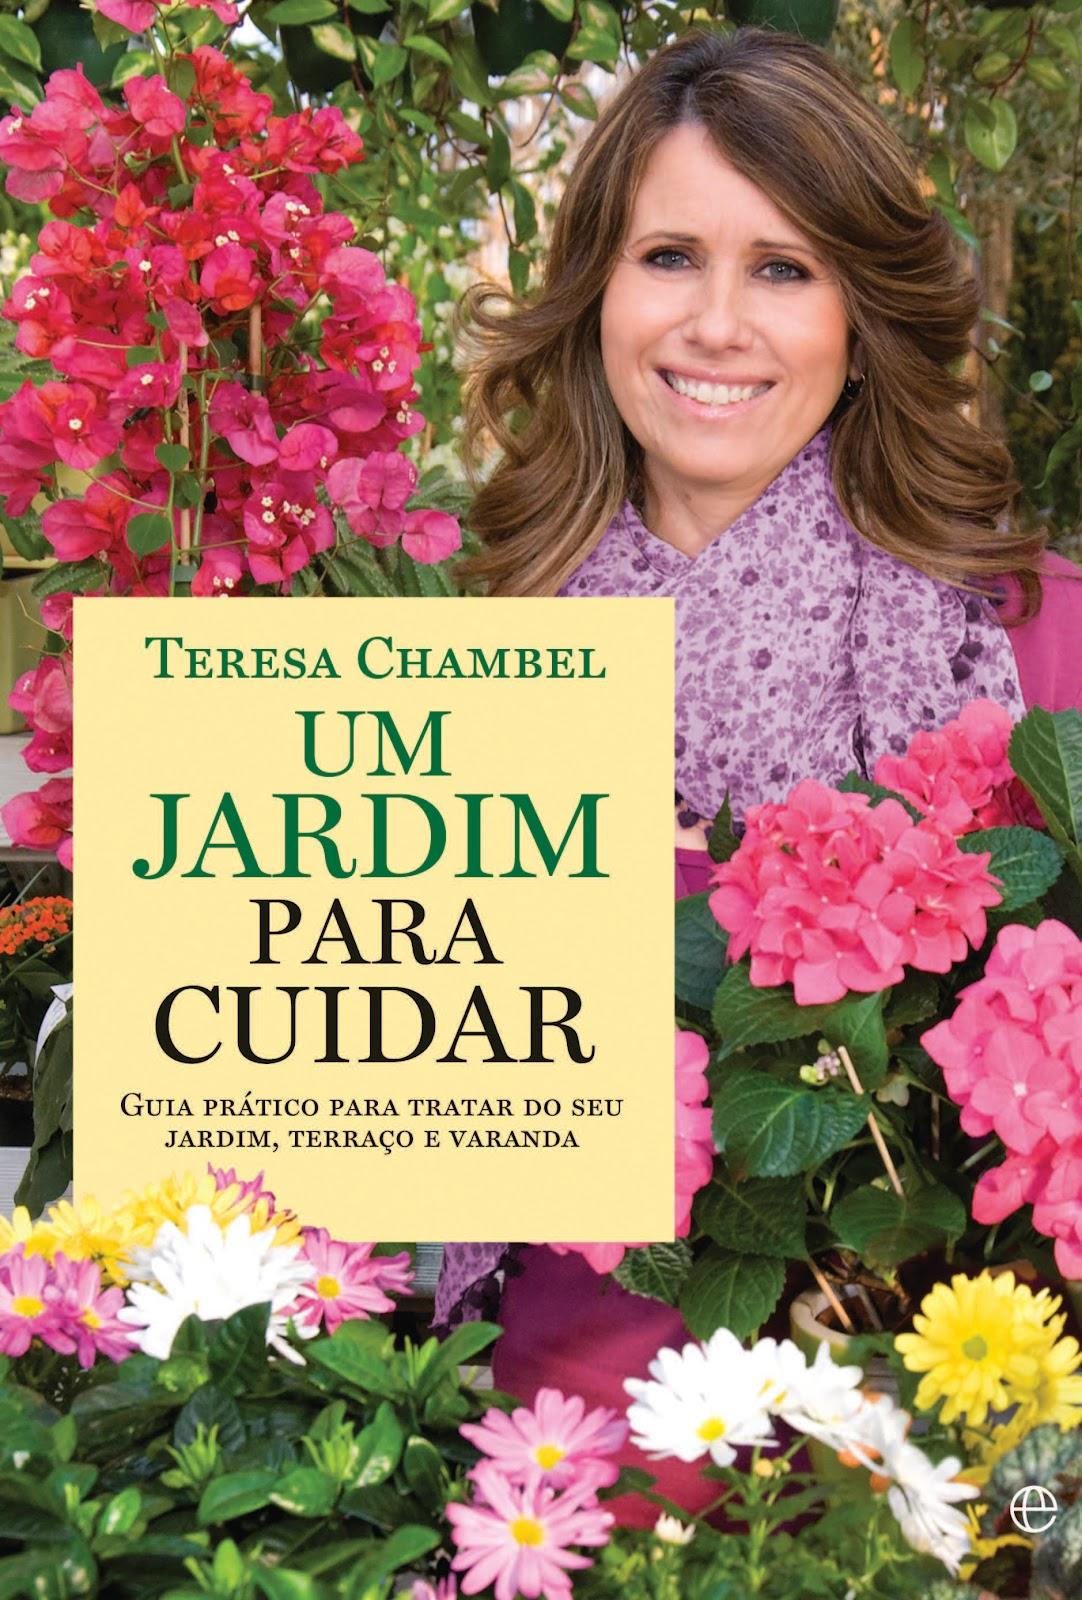 Um Jardim para Cuidar  Plantas aromáticas, medicinais e